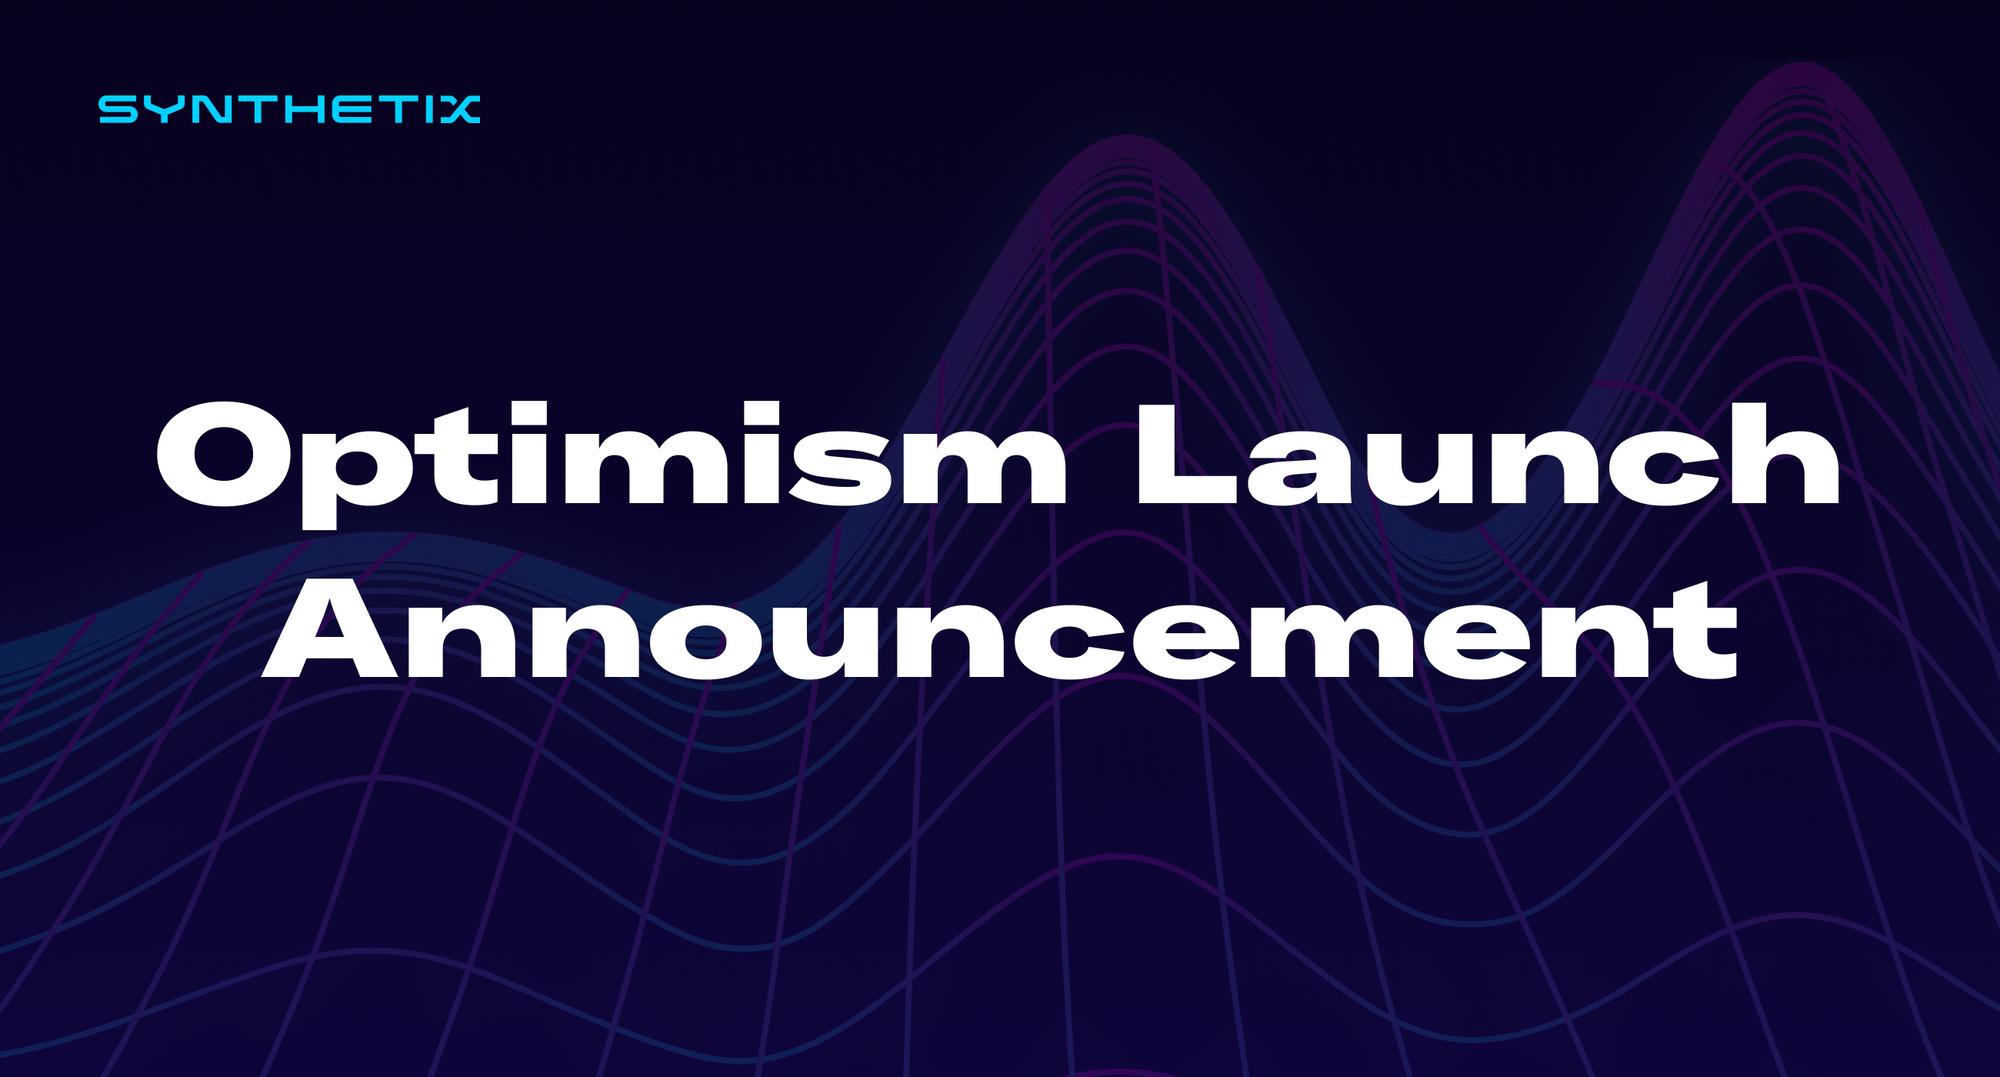 Optimism Launch Announcement